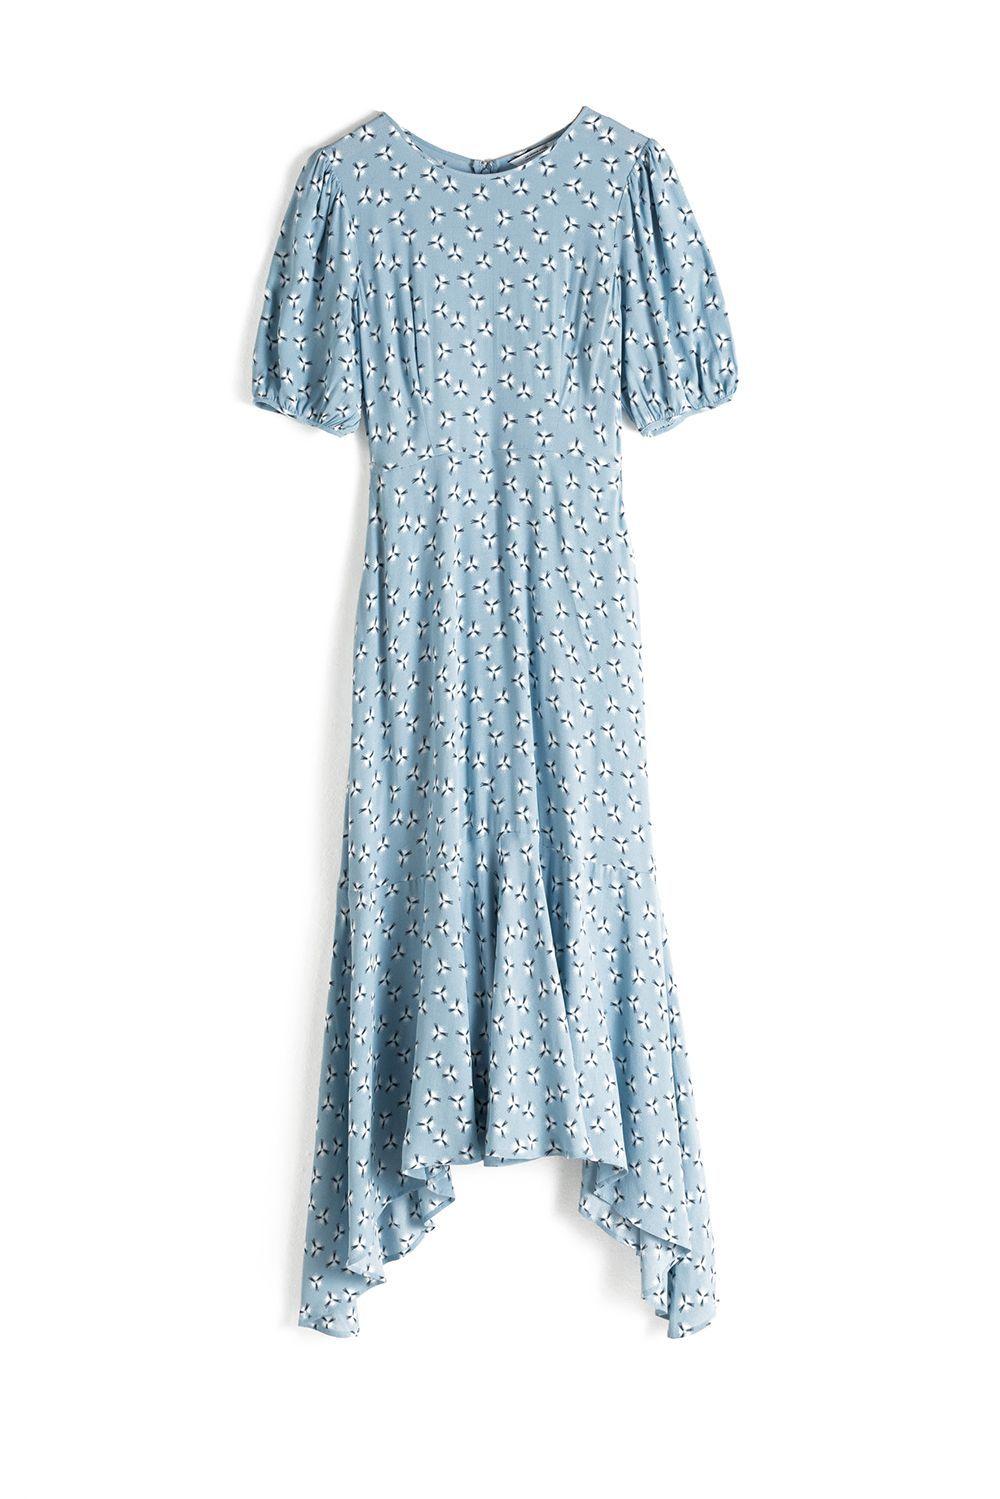 Cotton Blend Handkerchief Midi Dress & Other Stories stories.com $119.00 SHOP IT